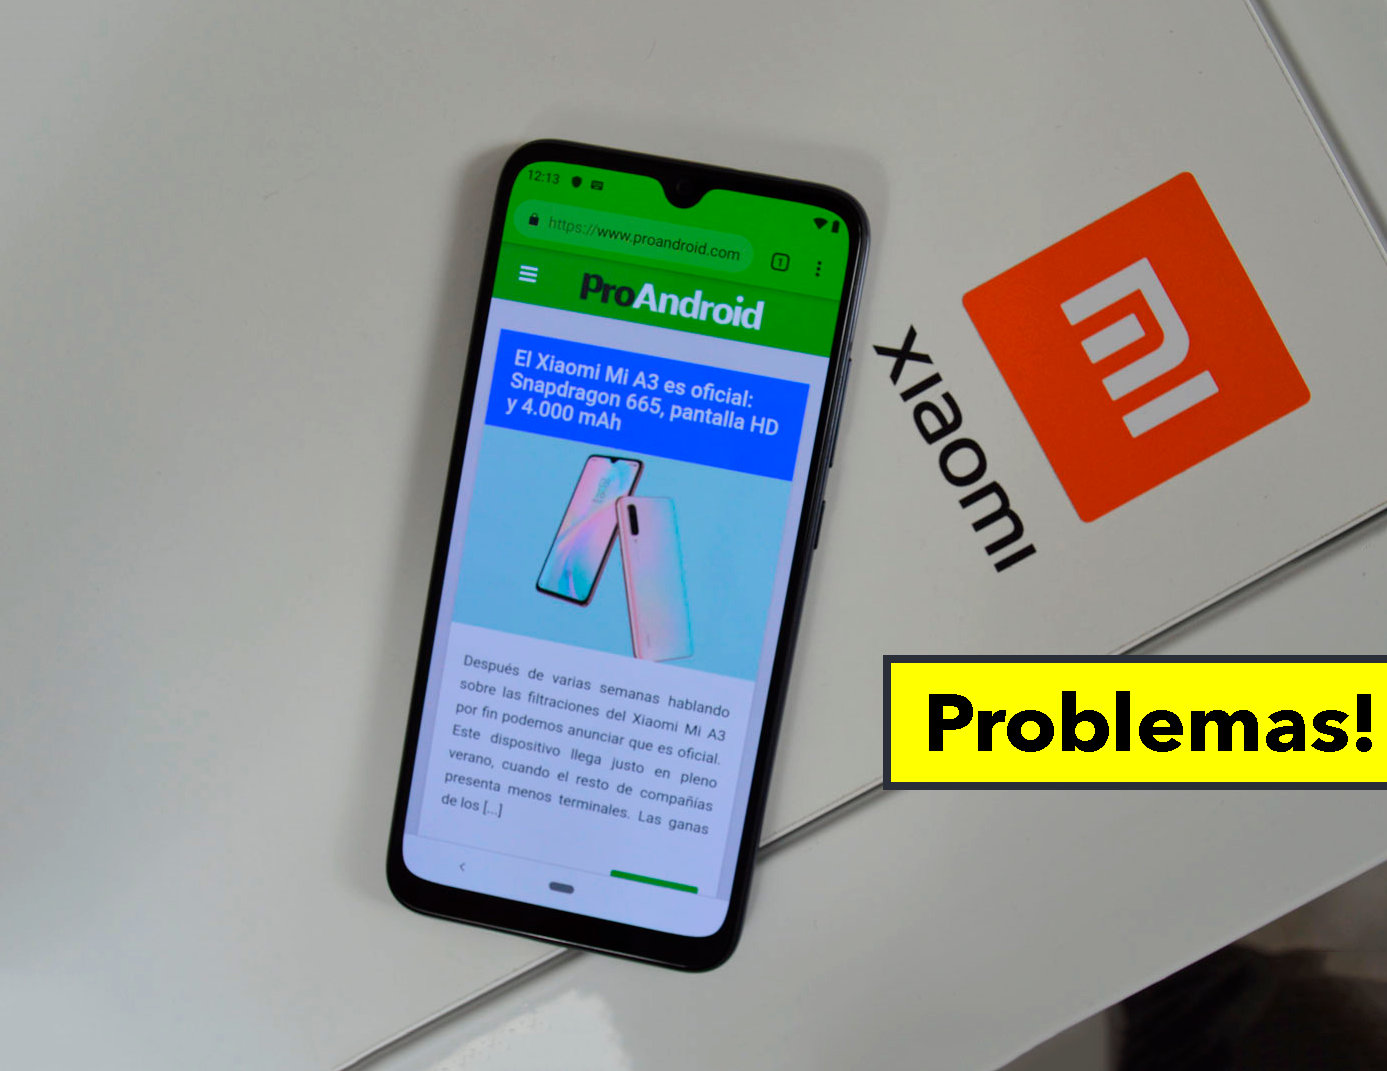 Este móvil Xiaomi se está bloqueado tras actualizar a la última versión